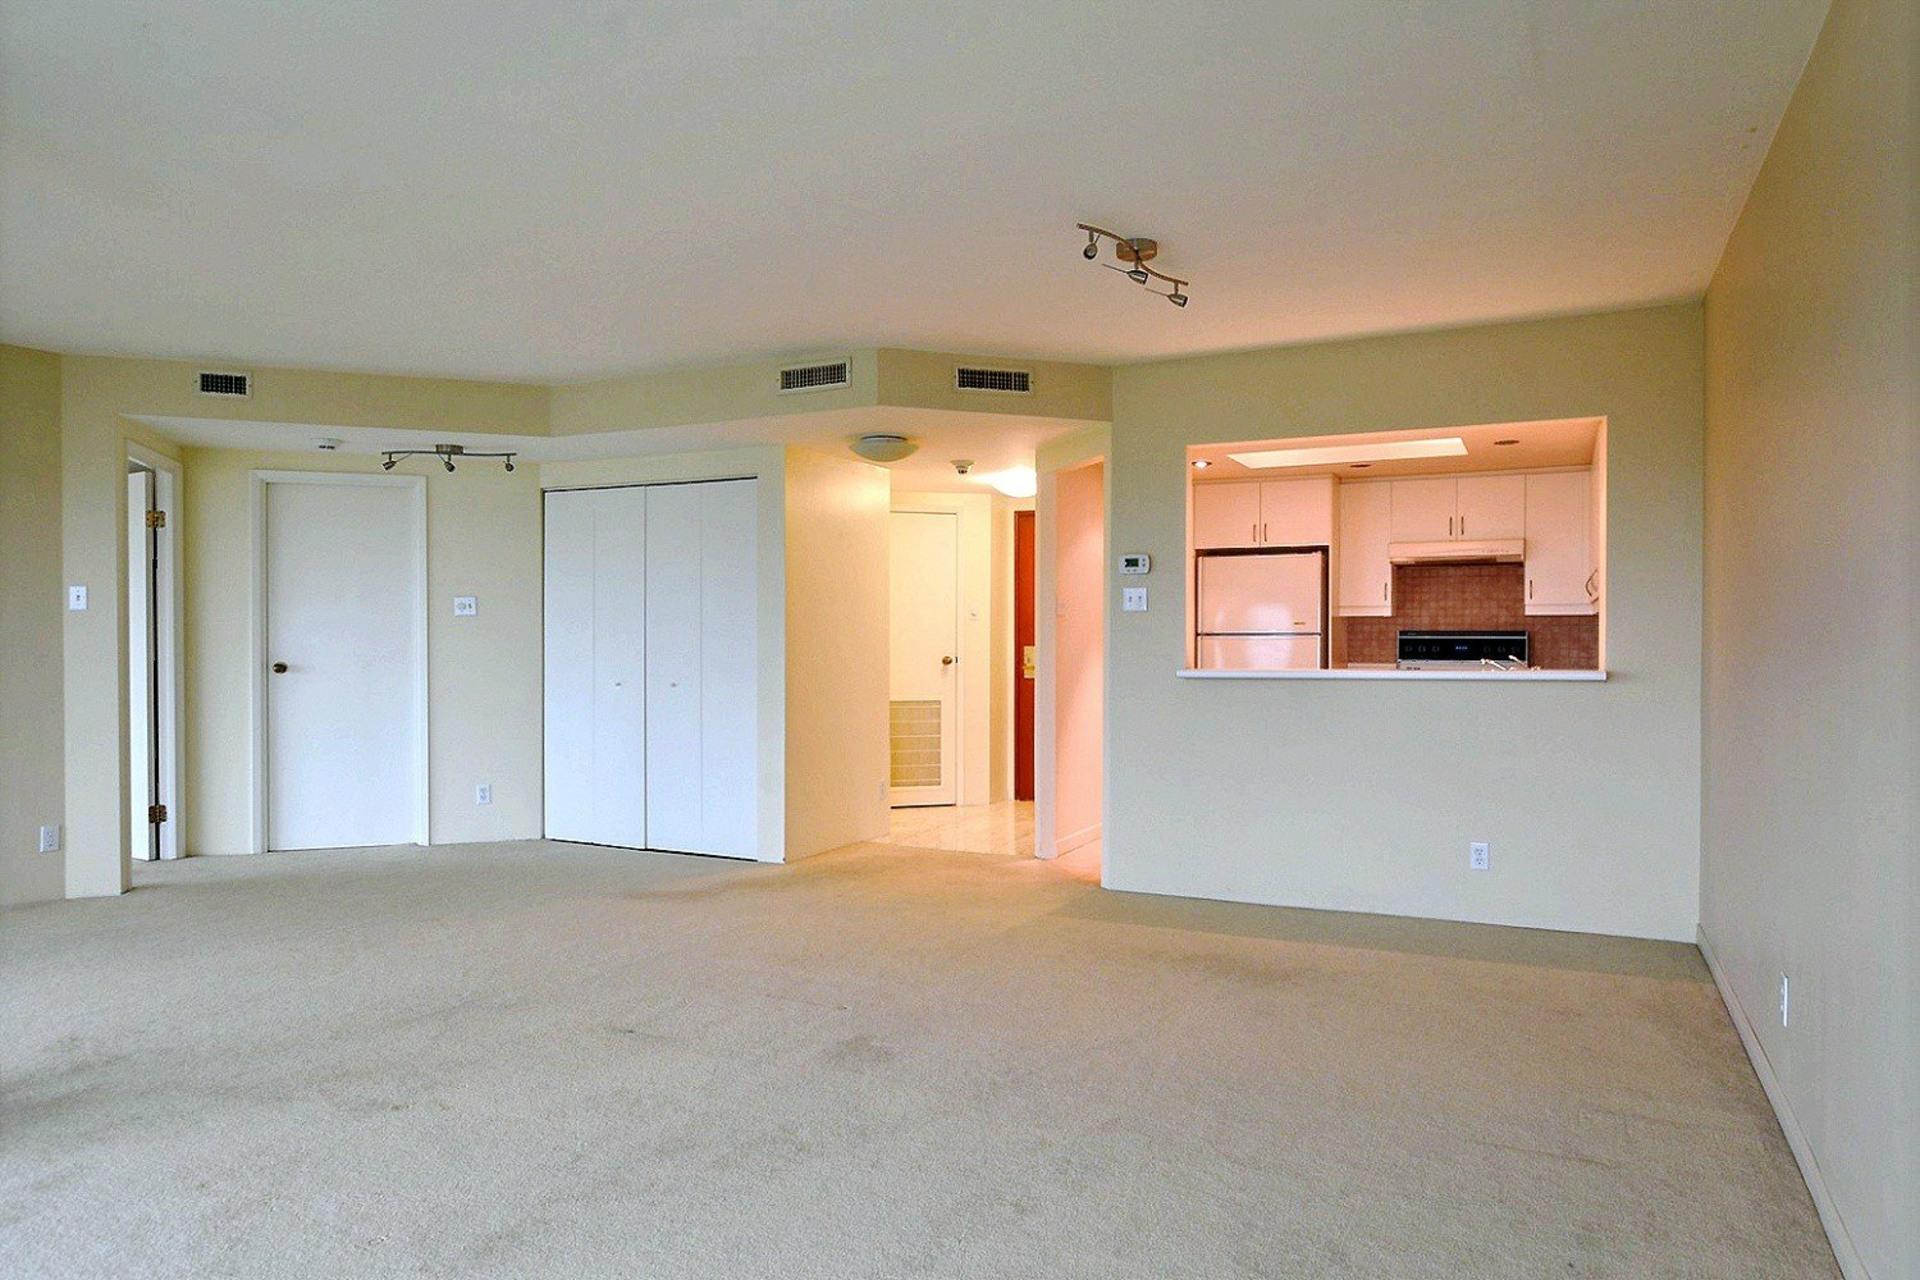 image 8 - Apartment For rent Montréal Verdun/Île-des-Soeurs  - 4 rooms